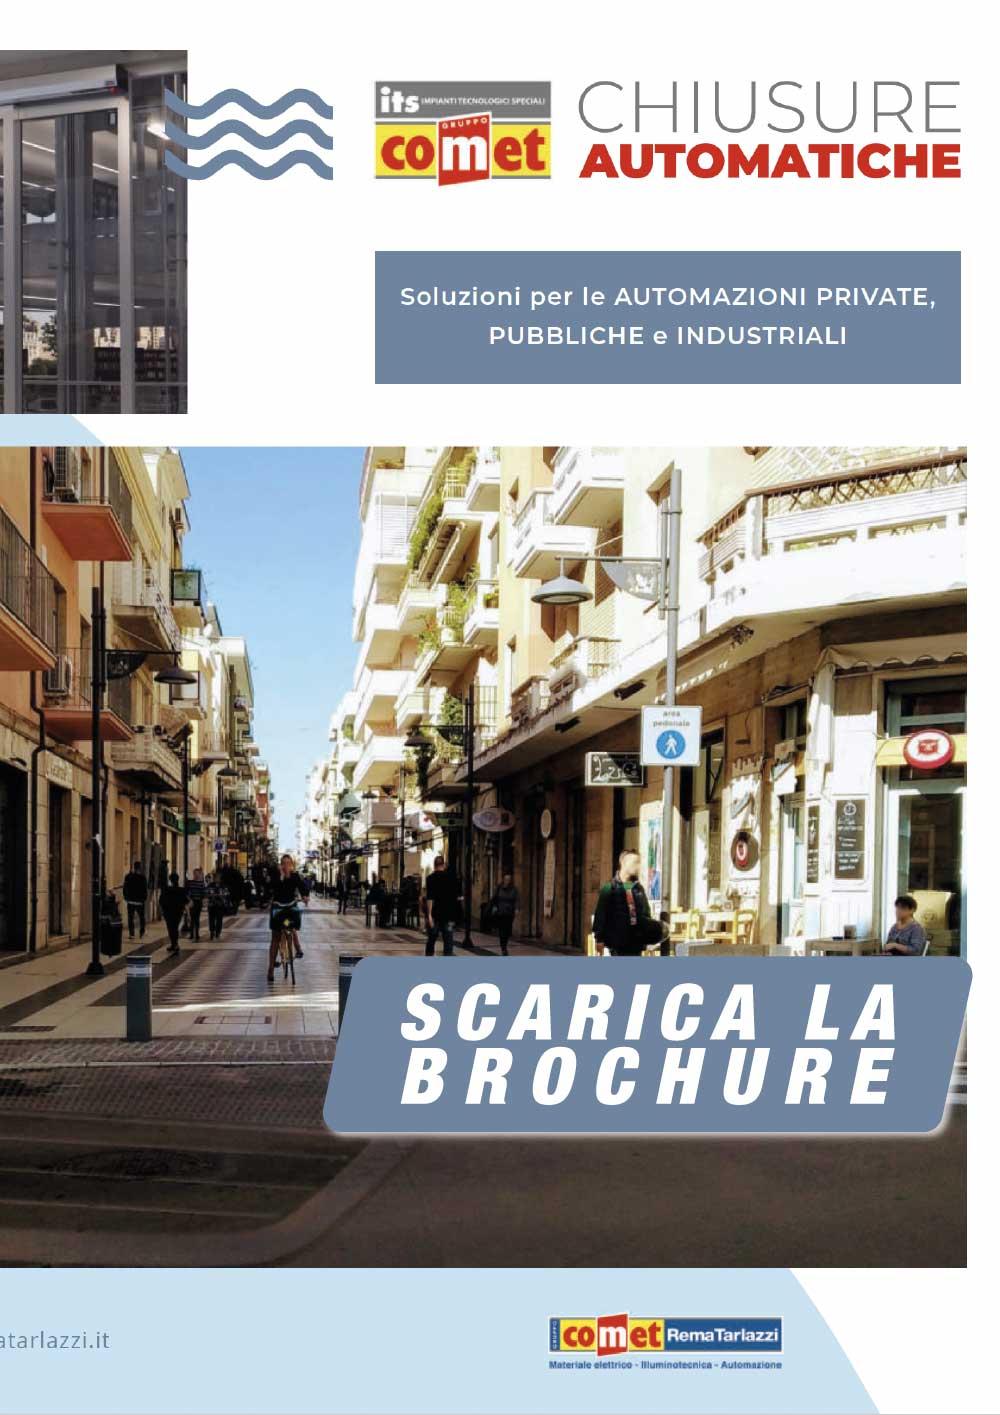 copertina-brochure-chiusure-automatiche_1